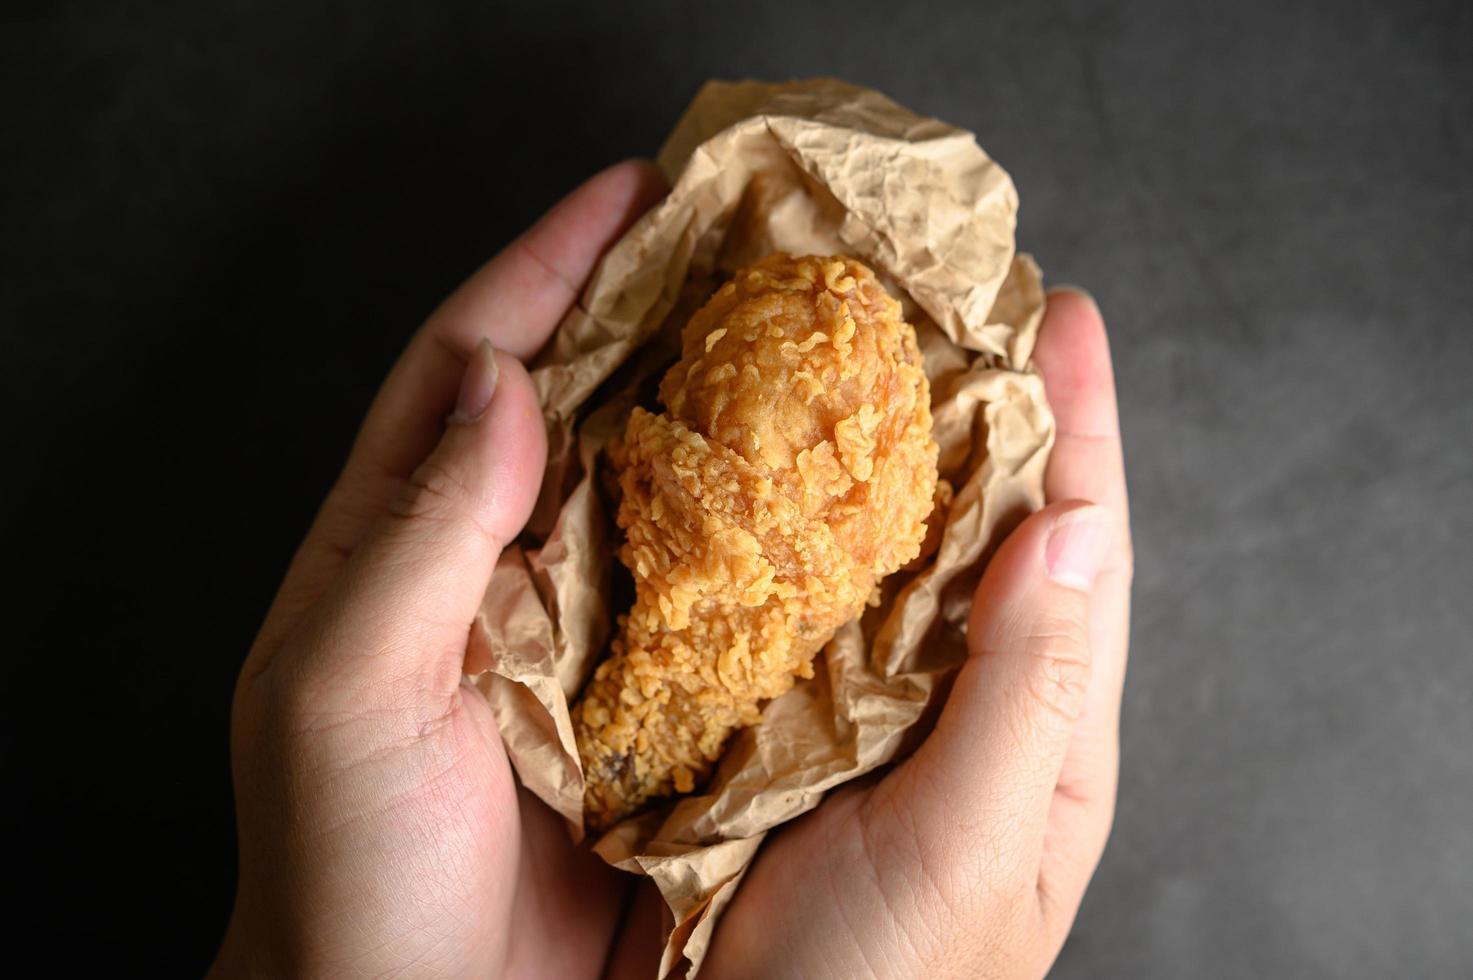 persoon met een gebakken kippenbout foto